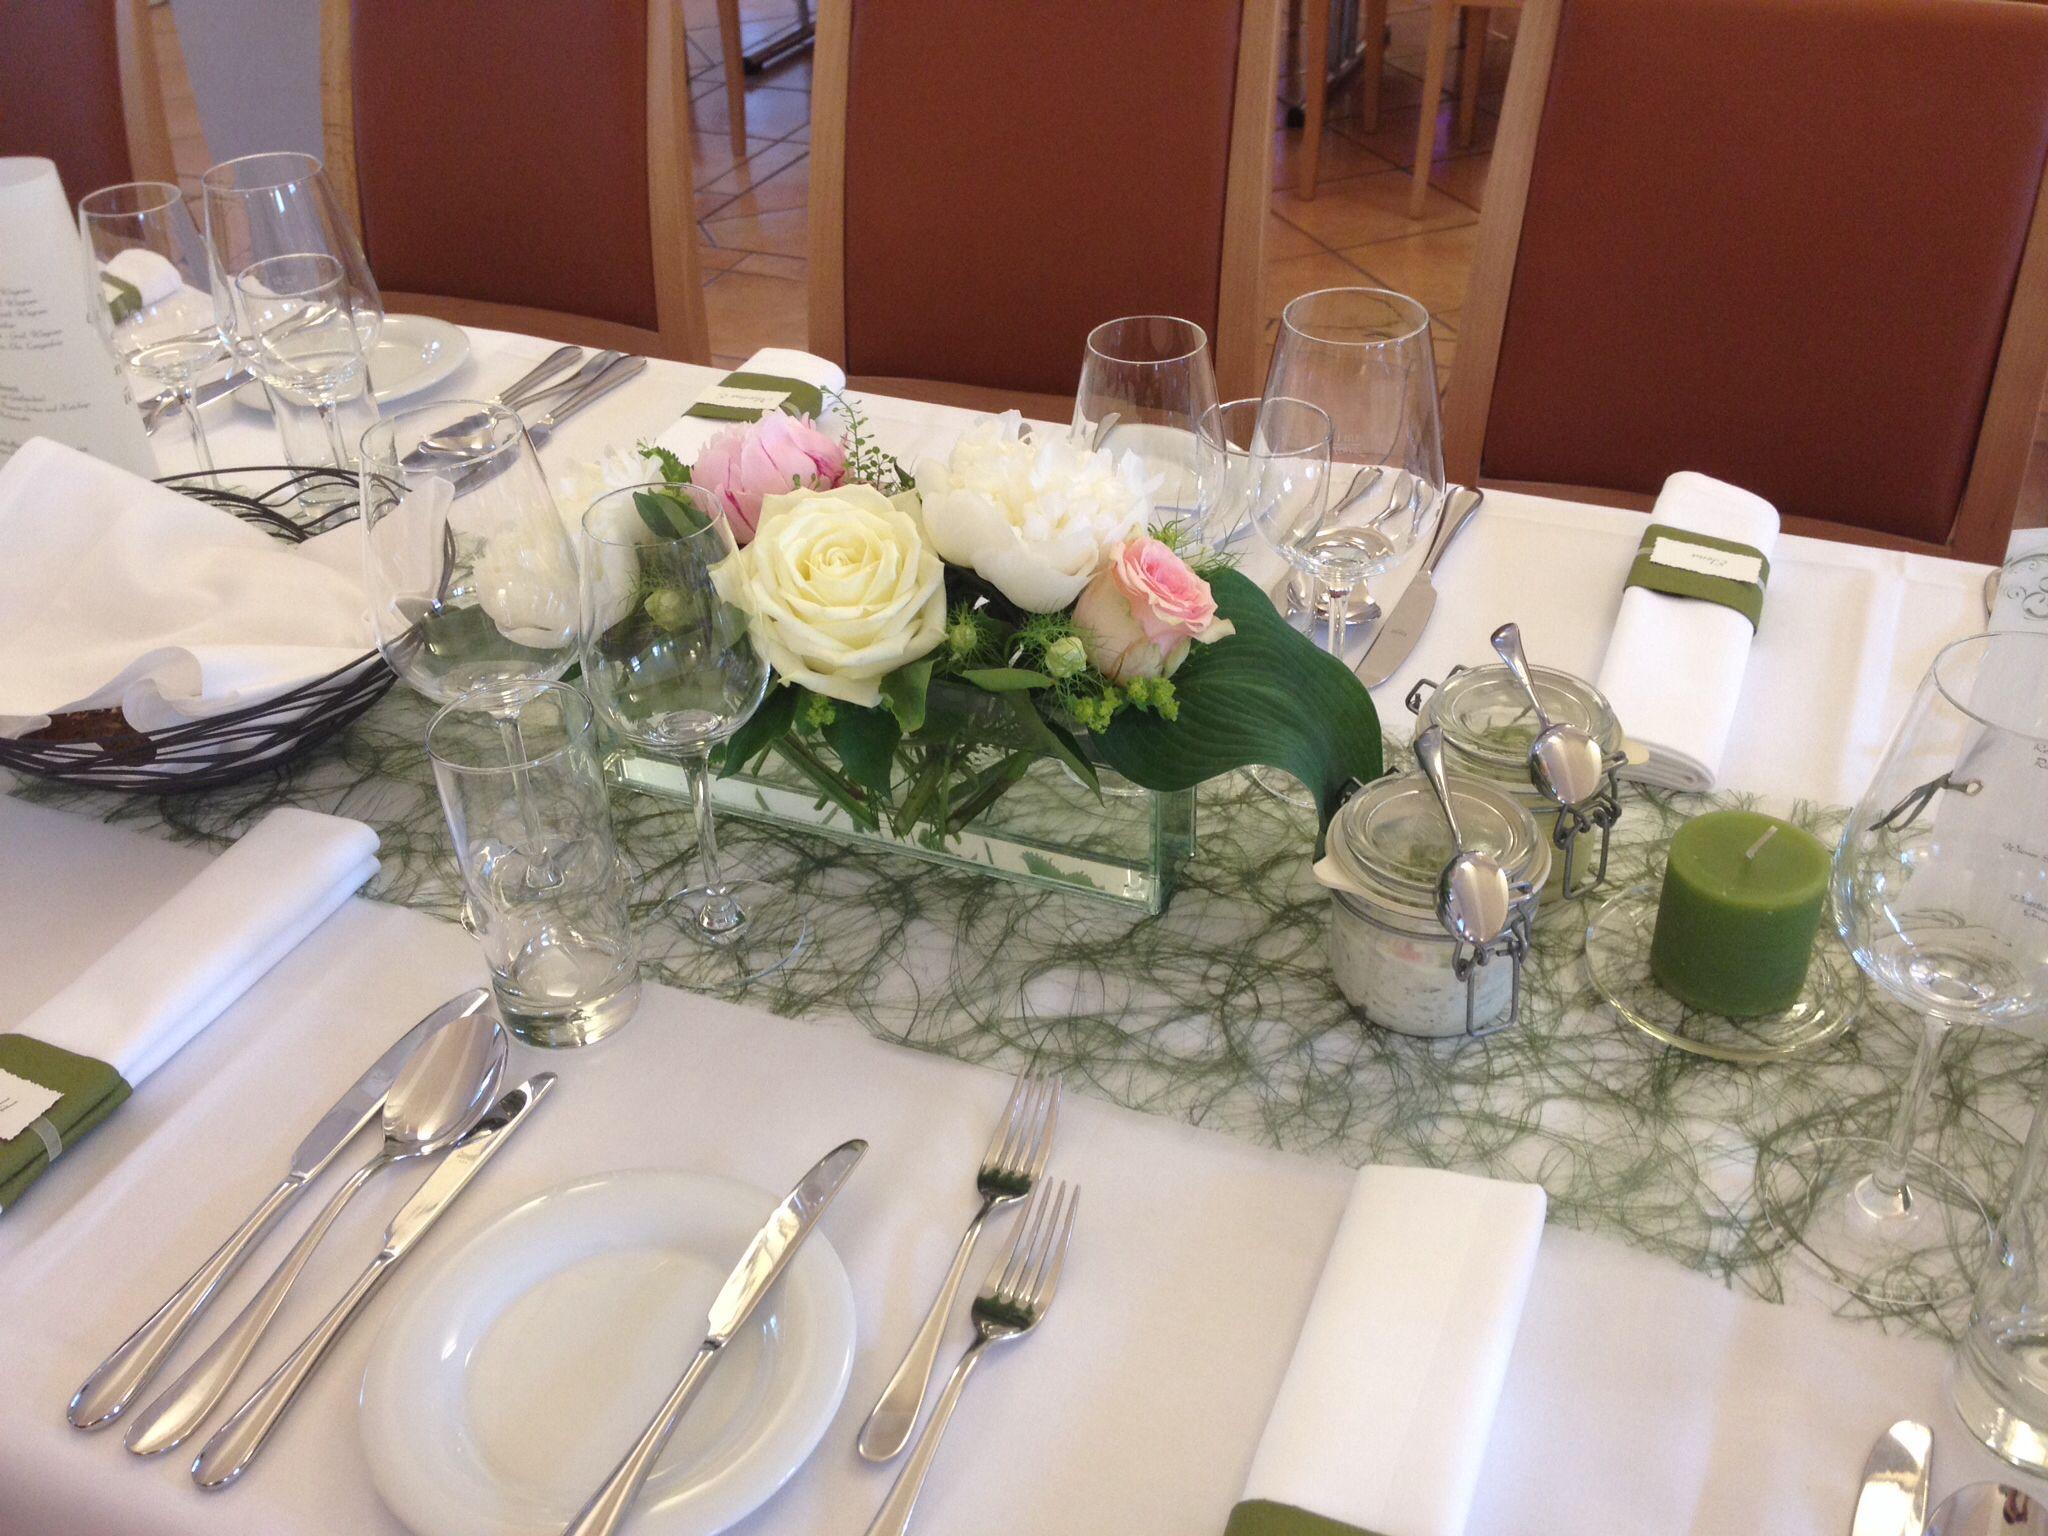 Tischdekoration In Dunkelgrun Mit Weissen Rosen Und Pfingstrosen